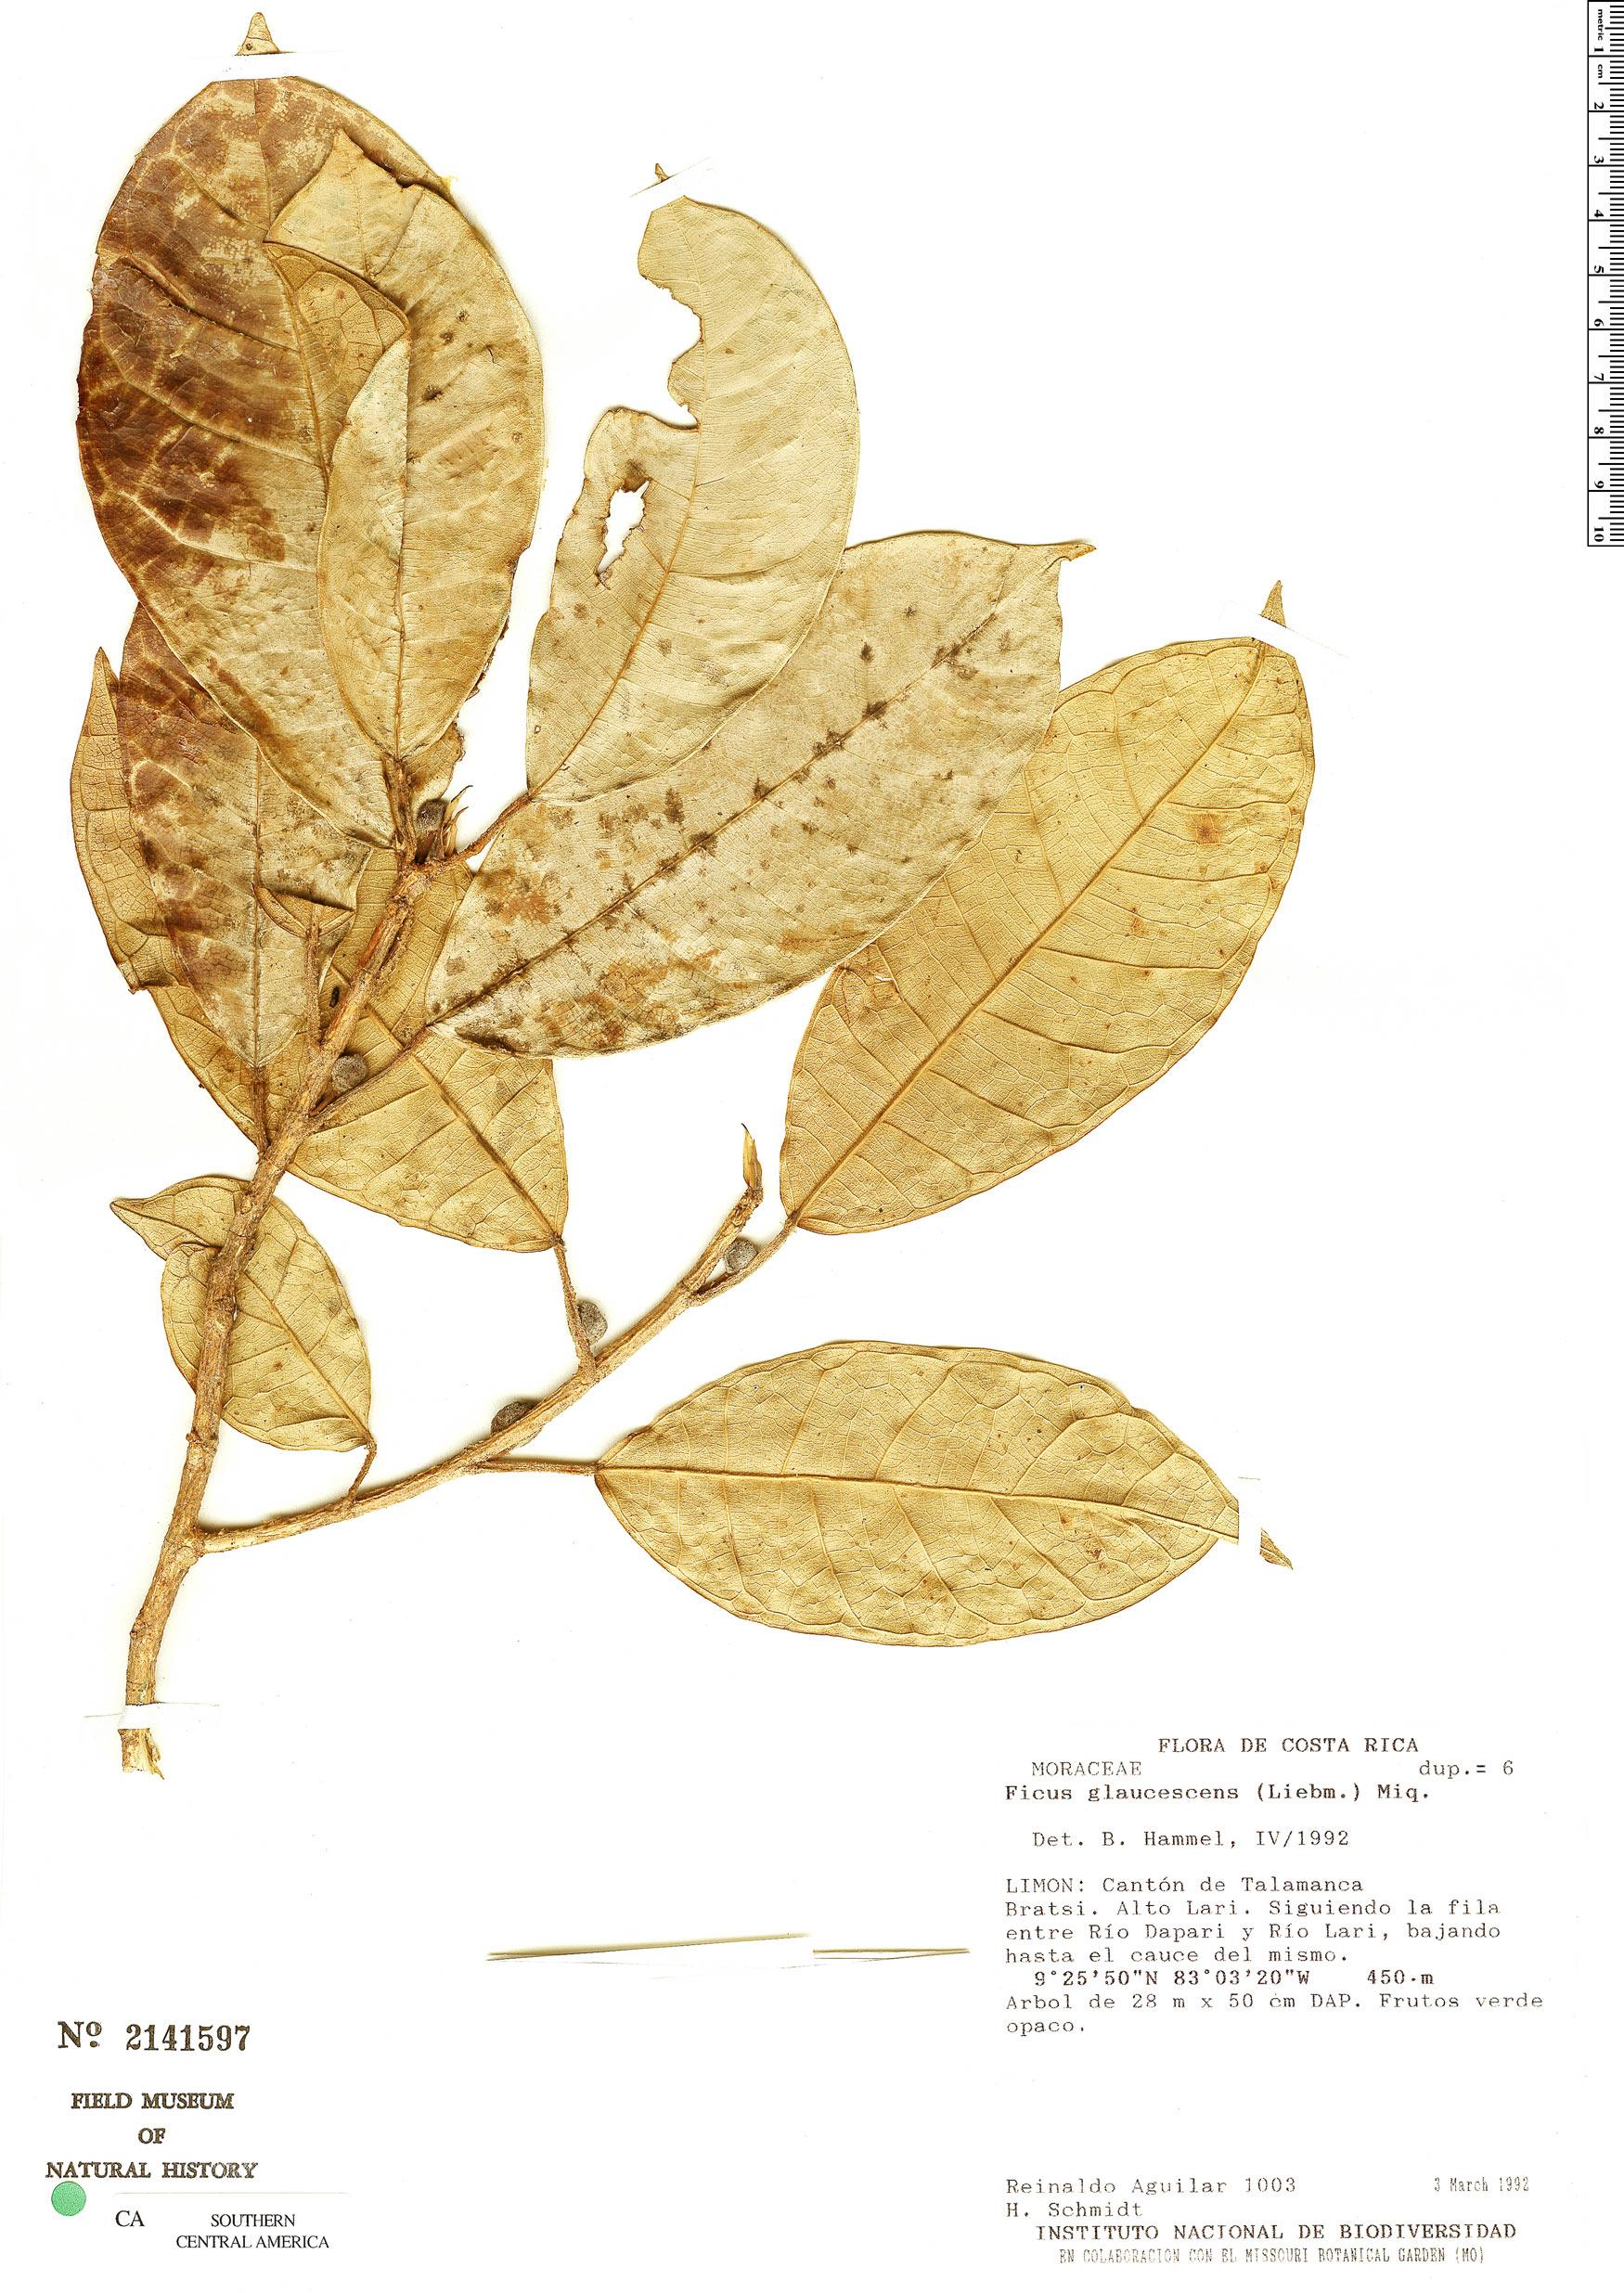 Specimen: Ficus glaucescens